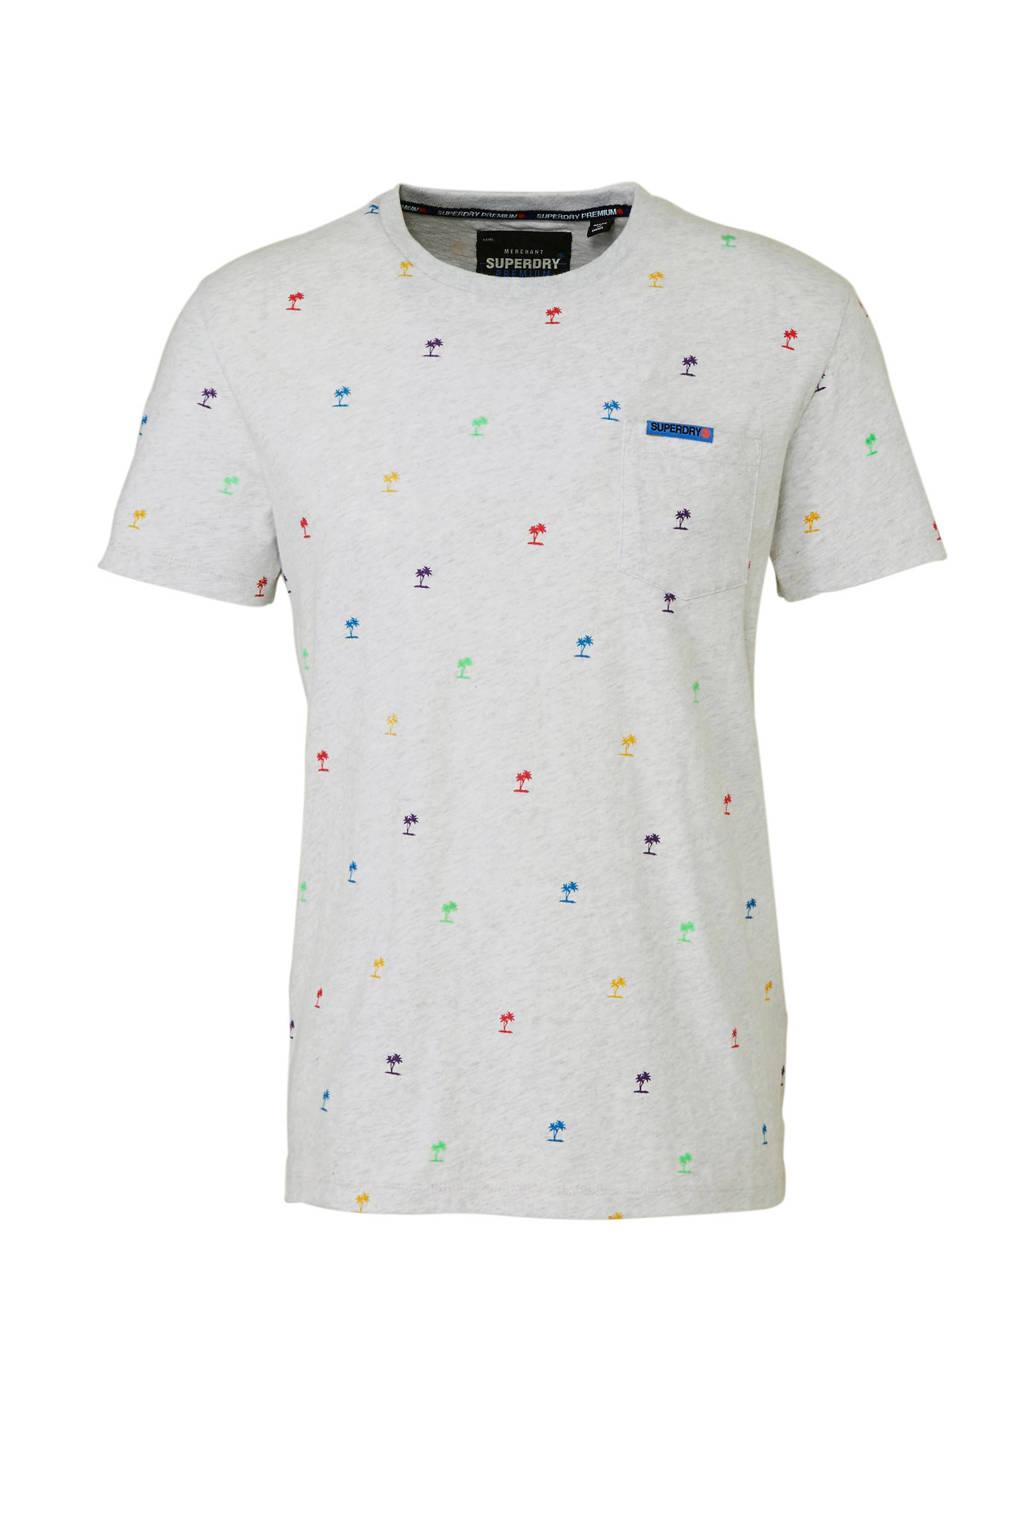 Superdry T-shirt, Ecru/multi